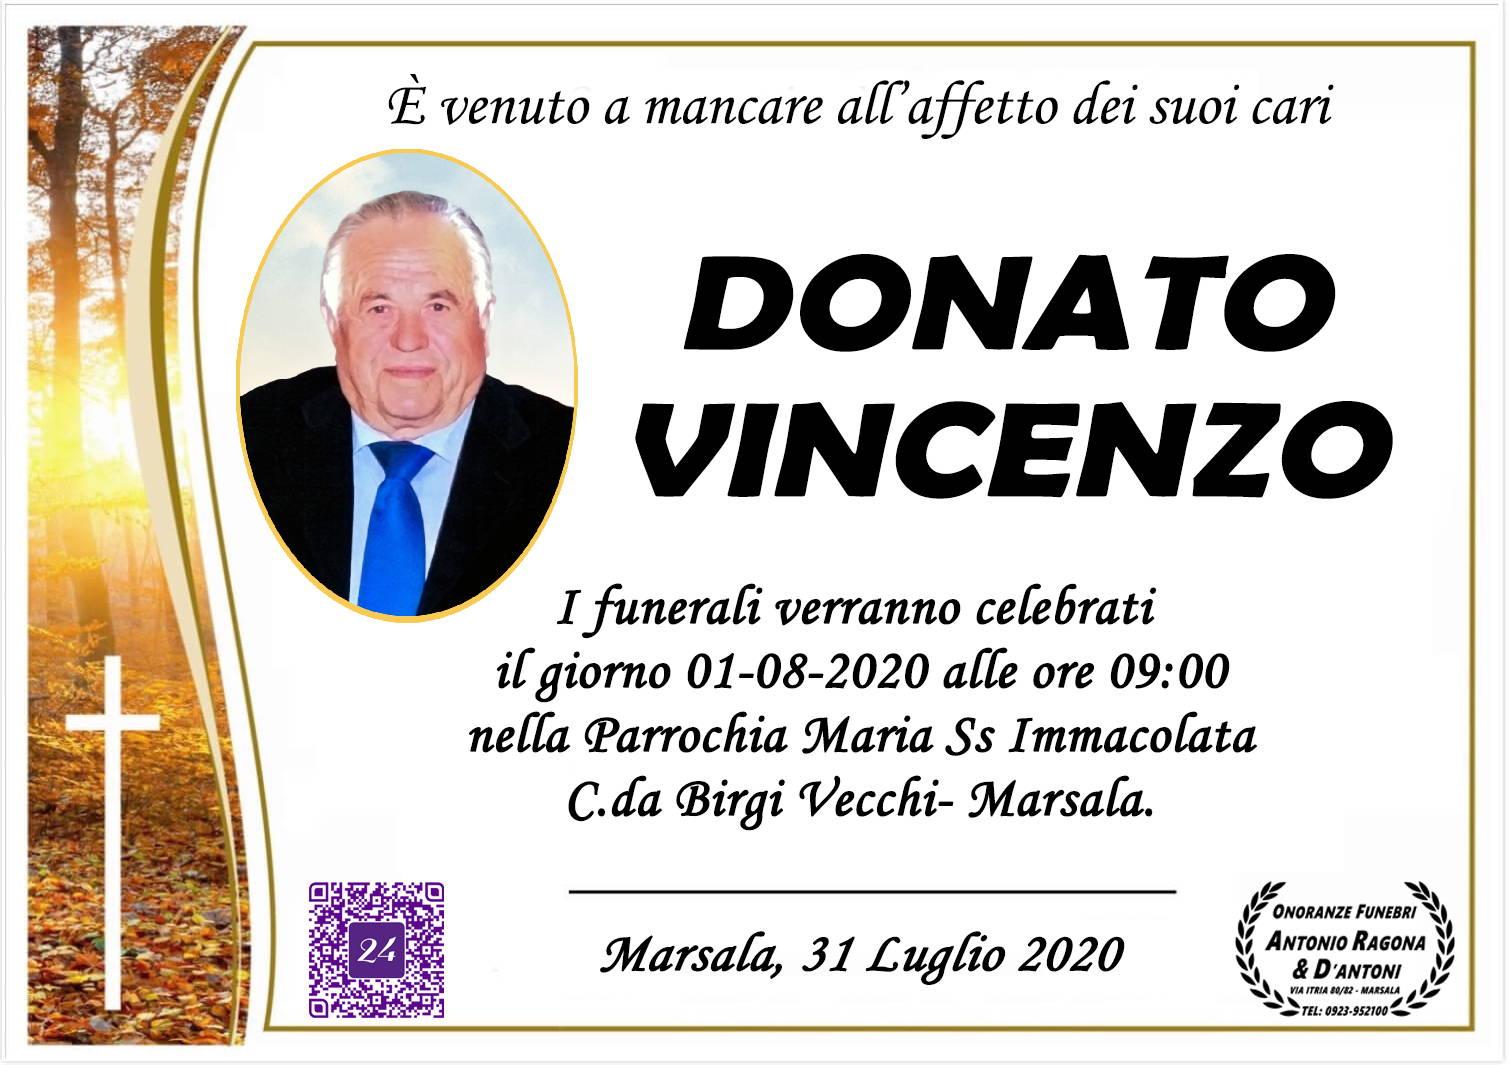 Vincenzo Donato